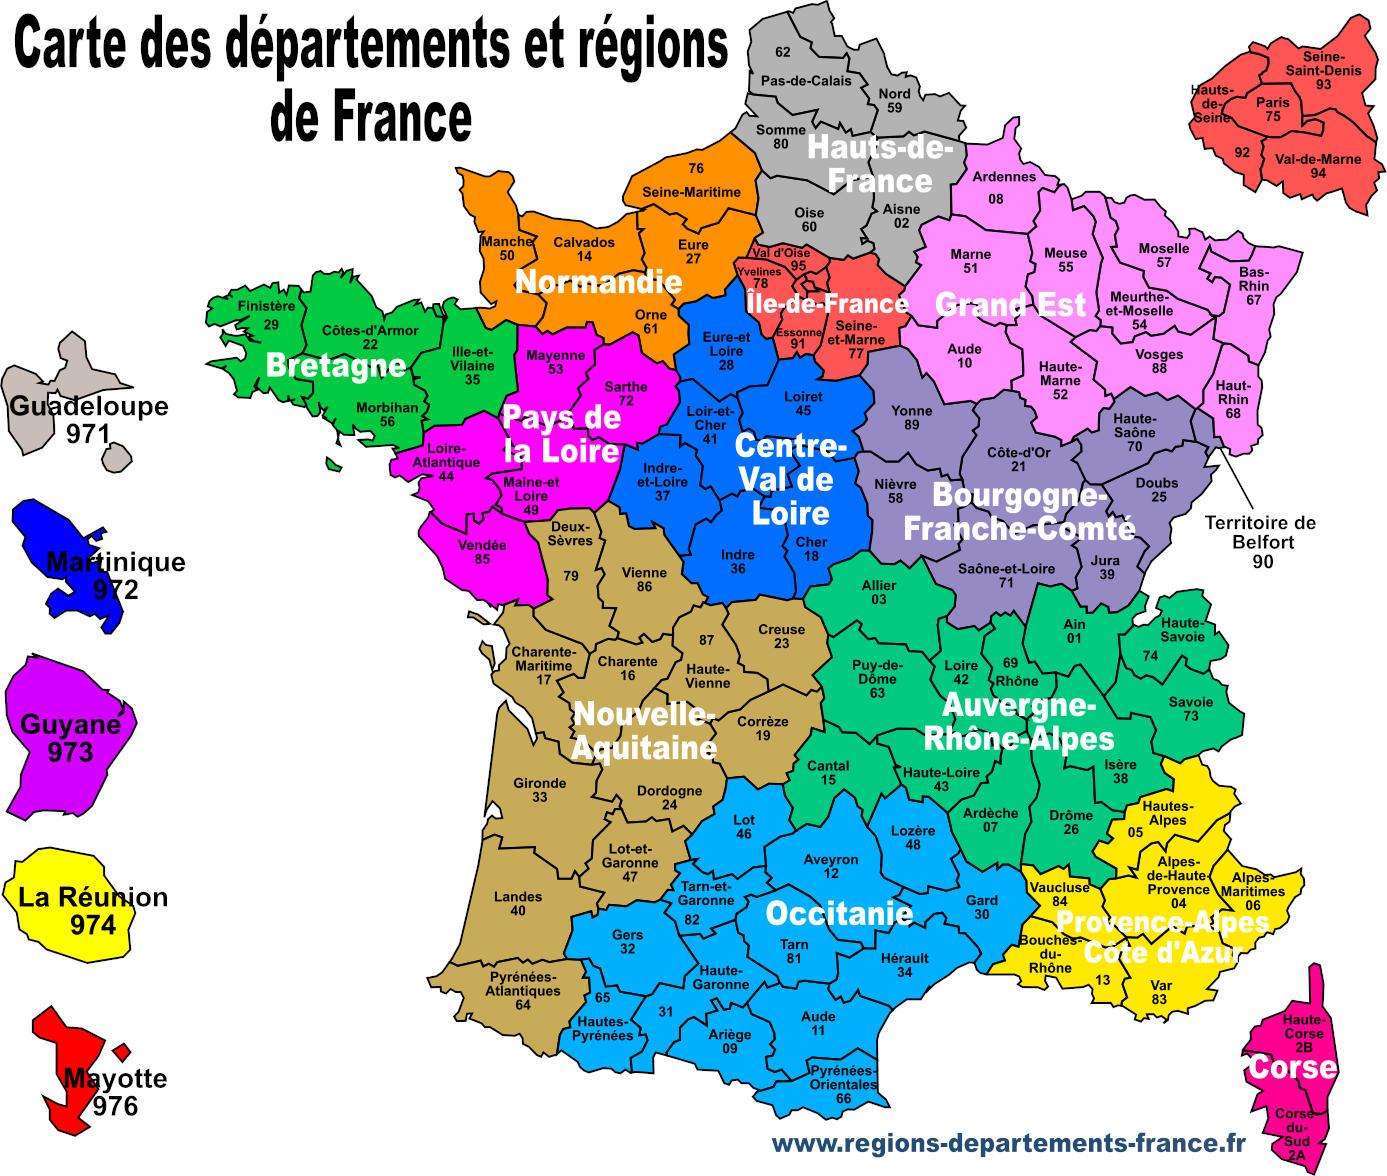 Carte de France avec régions et départements